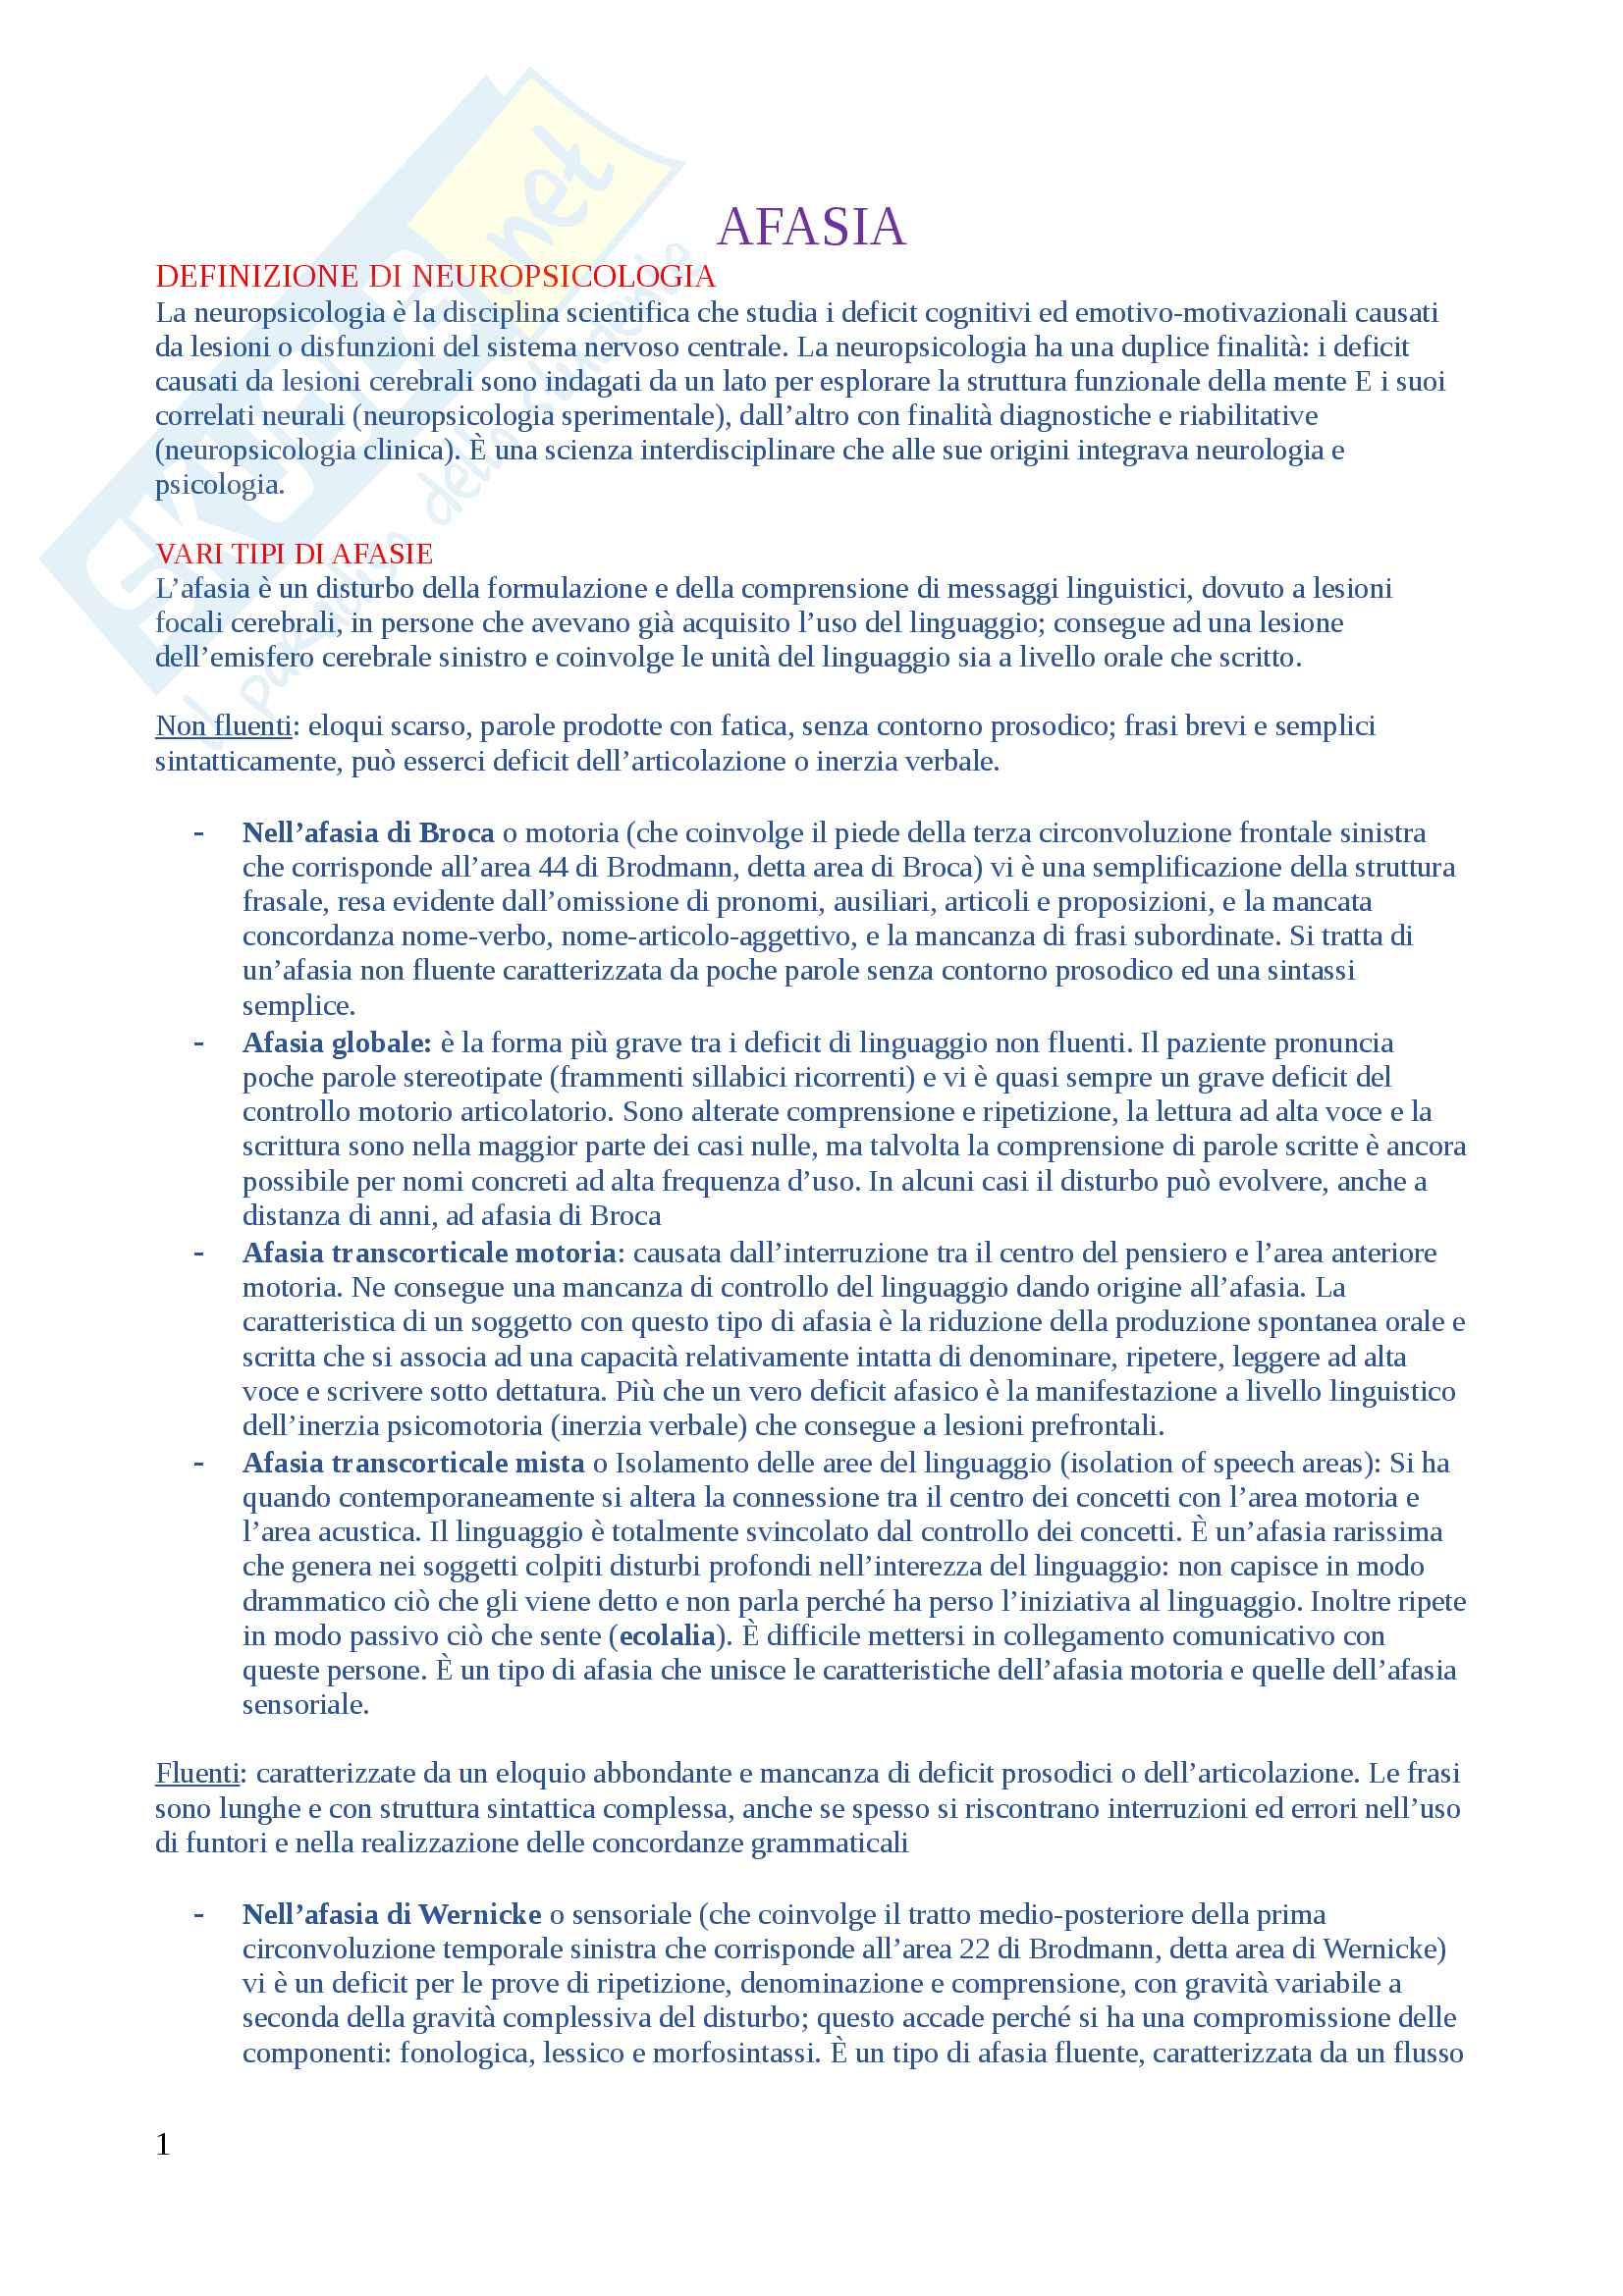 Domande di Neuropsicologia, domande e risposte per esame esaurienti e complete